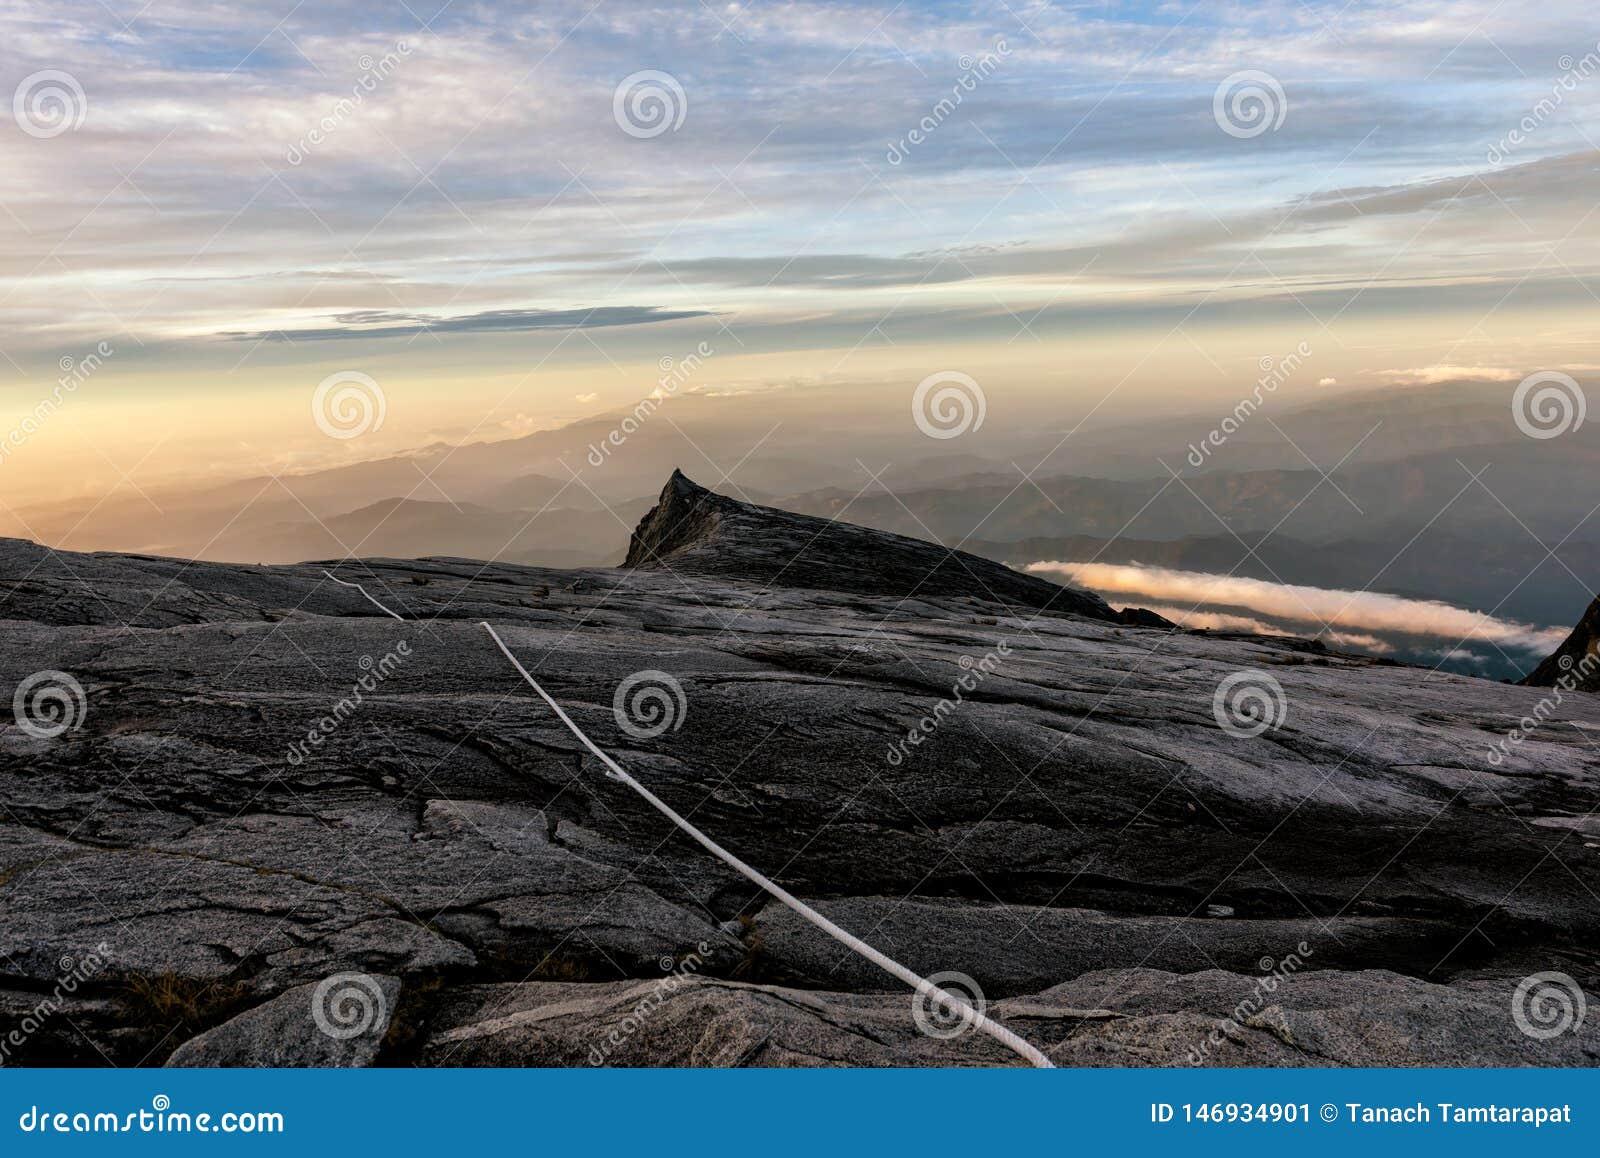 Kenabalu Peak in Malaysia